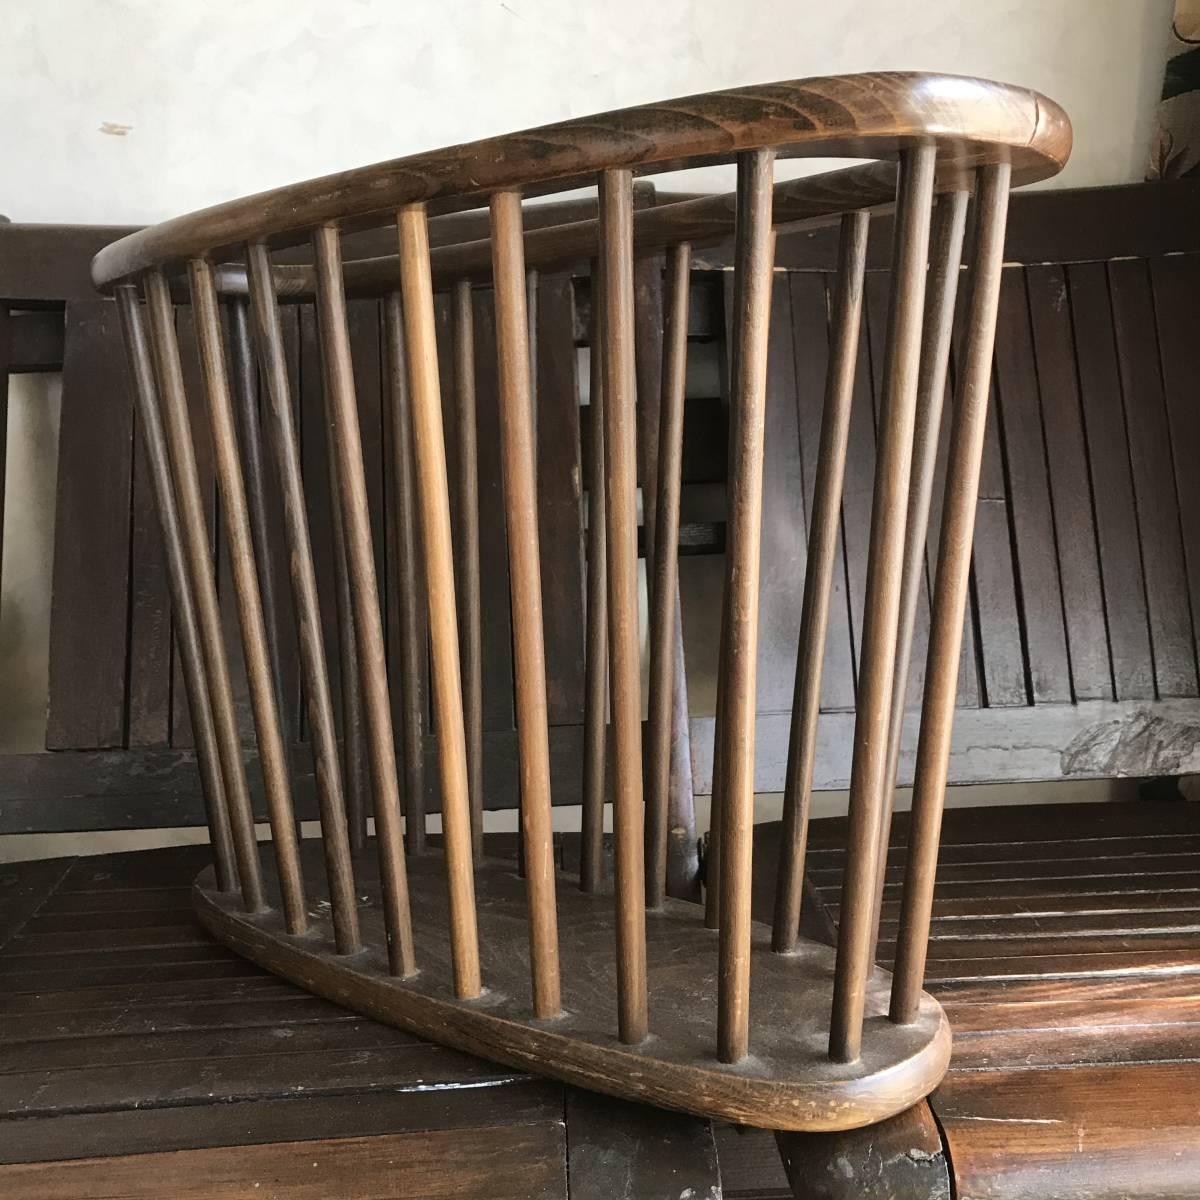 貴重!アメリカアンティーク Antique本の収納ラック 木製USA/カリフォルニア西海岸店舗什器ヴィンテージ50's60's70's_画像2